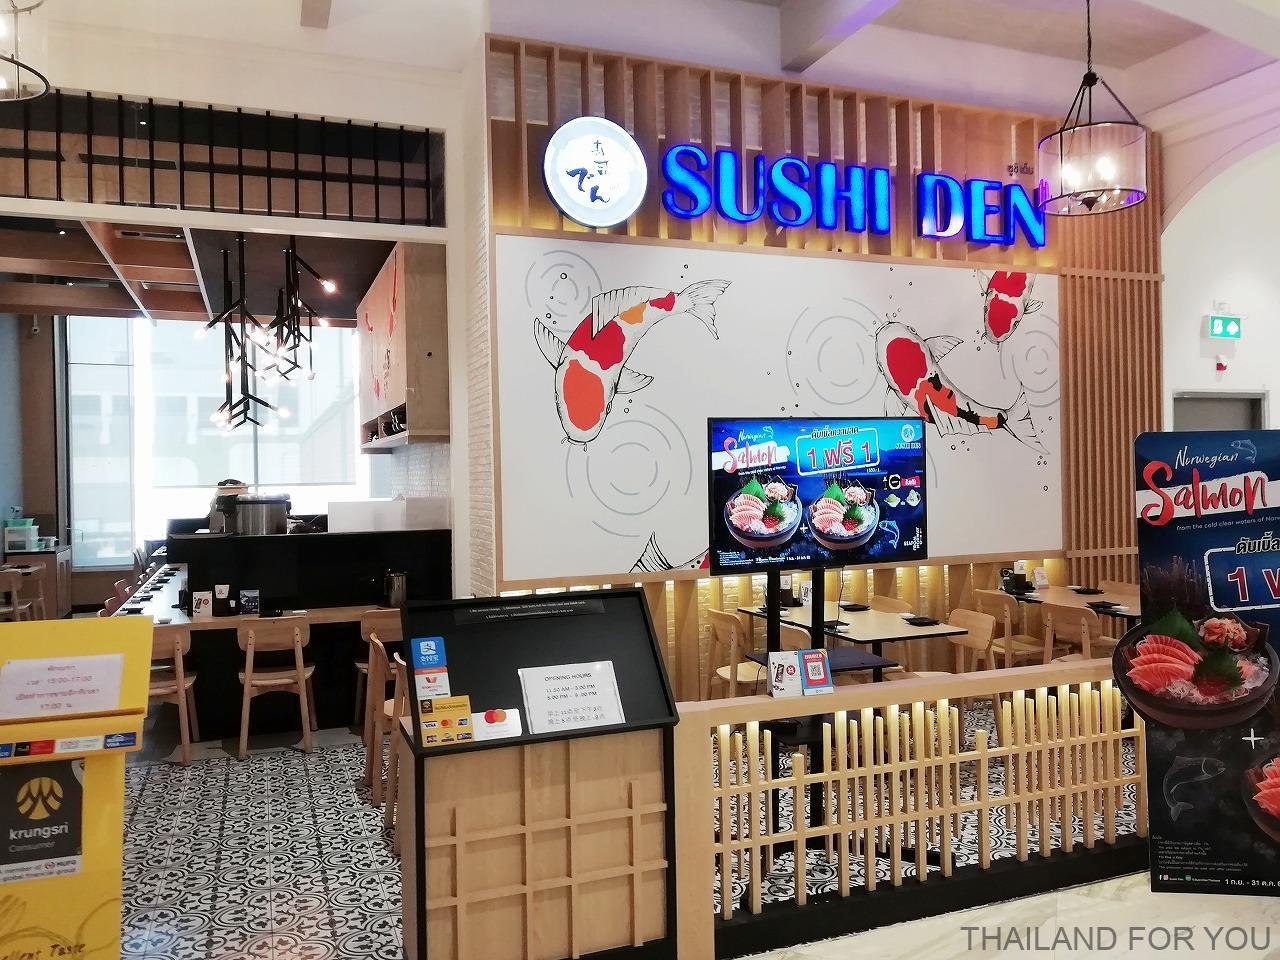 ザ・マーケット・バンコク SUSHI DEN the market bangkok 写真